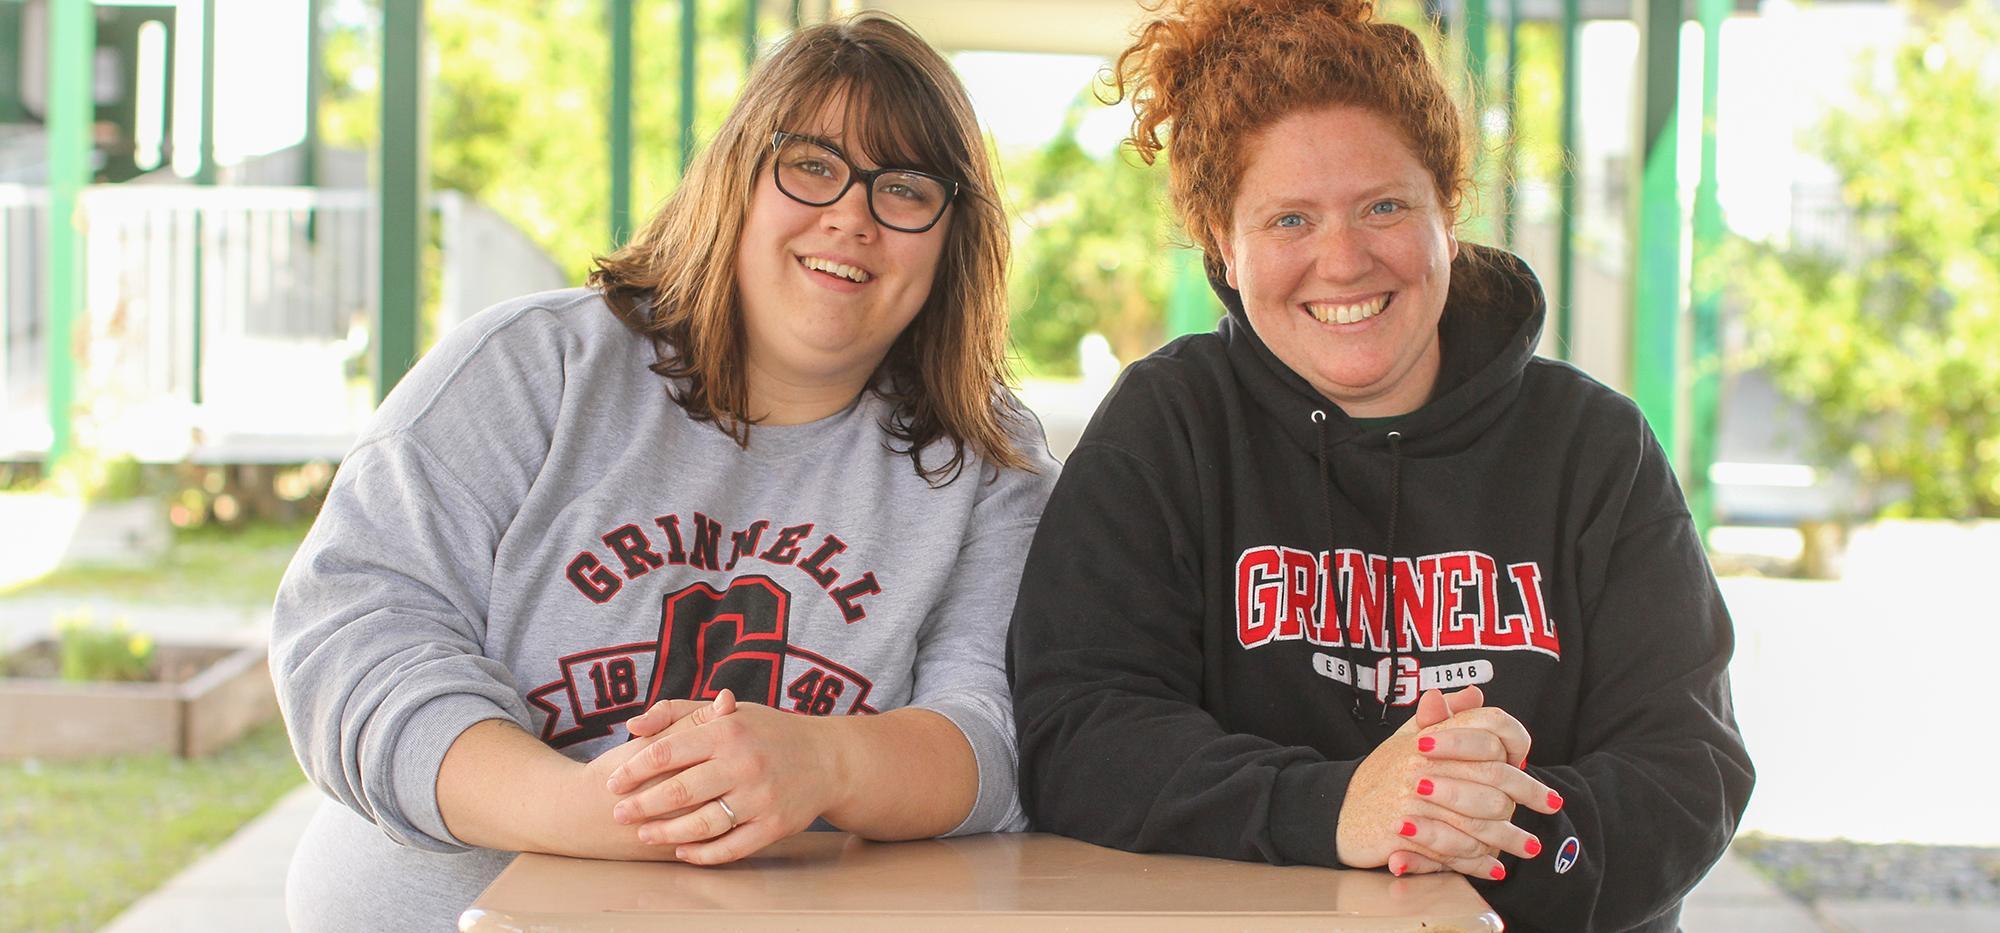 Margie Scribner and Leah Krandel